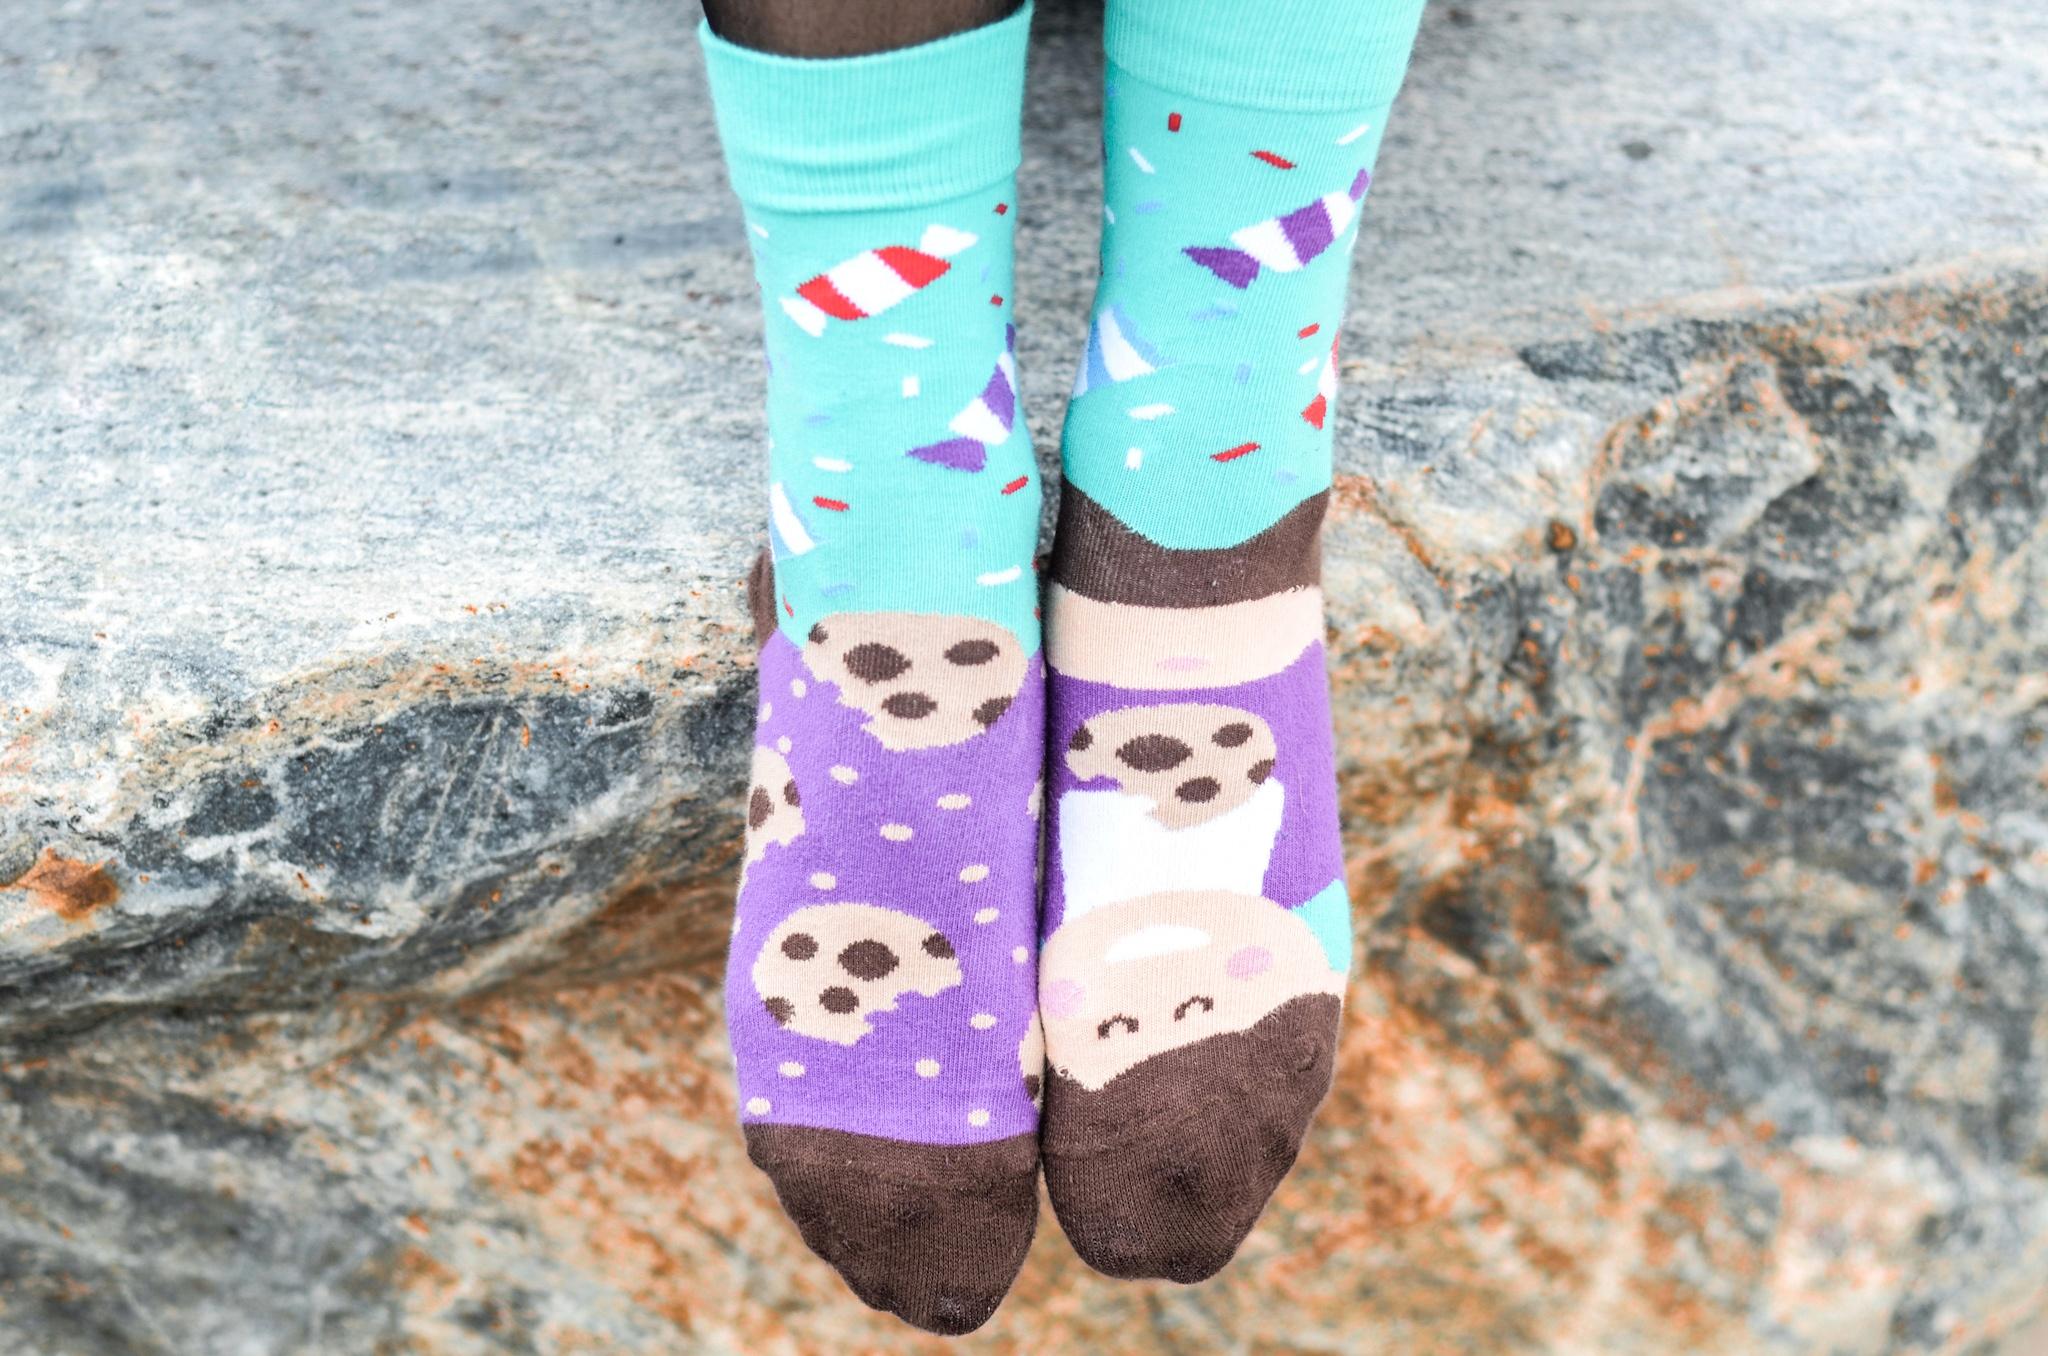 37e2ad6044e4a1 Jak nosić kolorowe skarpetki i gdzie kupić skarpety w śmieszne wzory?